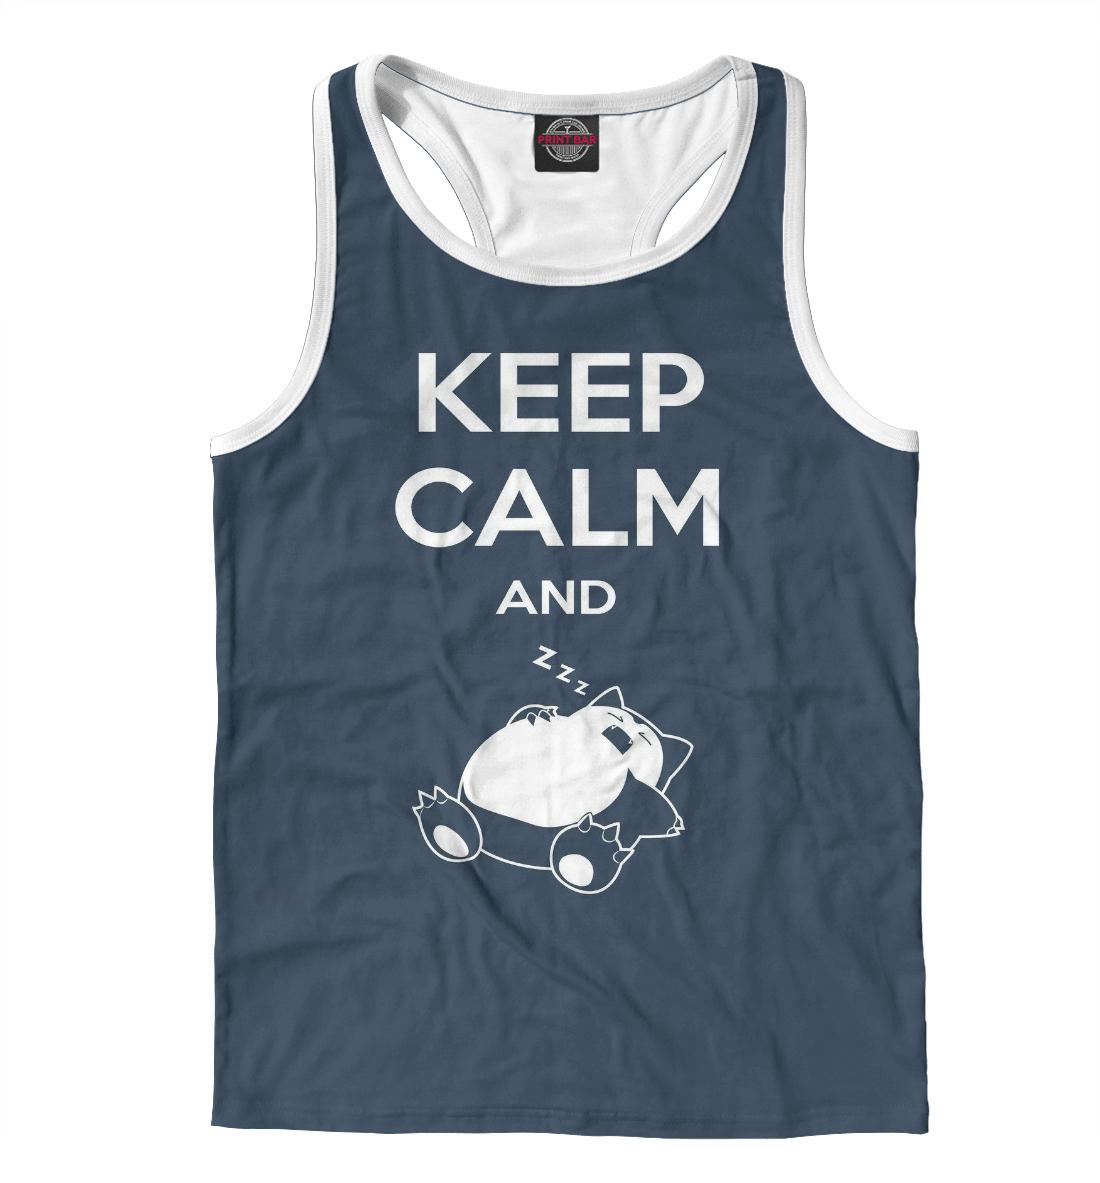 Фото - Keep calm and zzz funny printio футболка с полной запечаткой женская keep calm and zzz funny